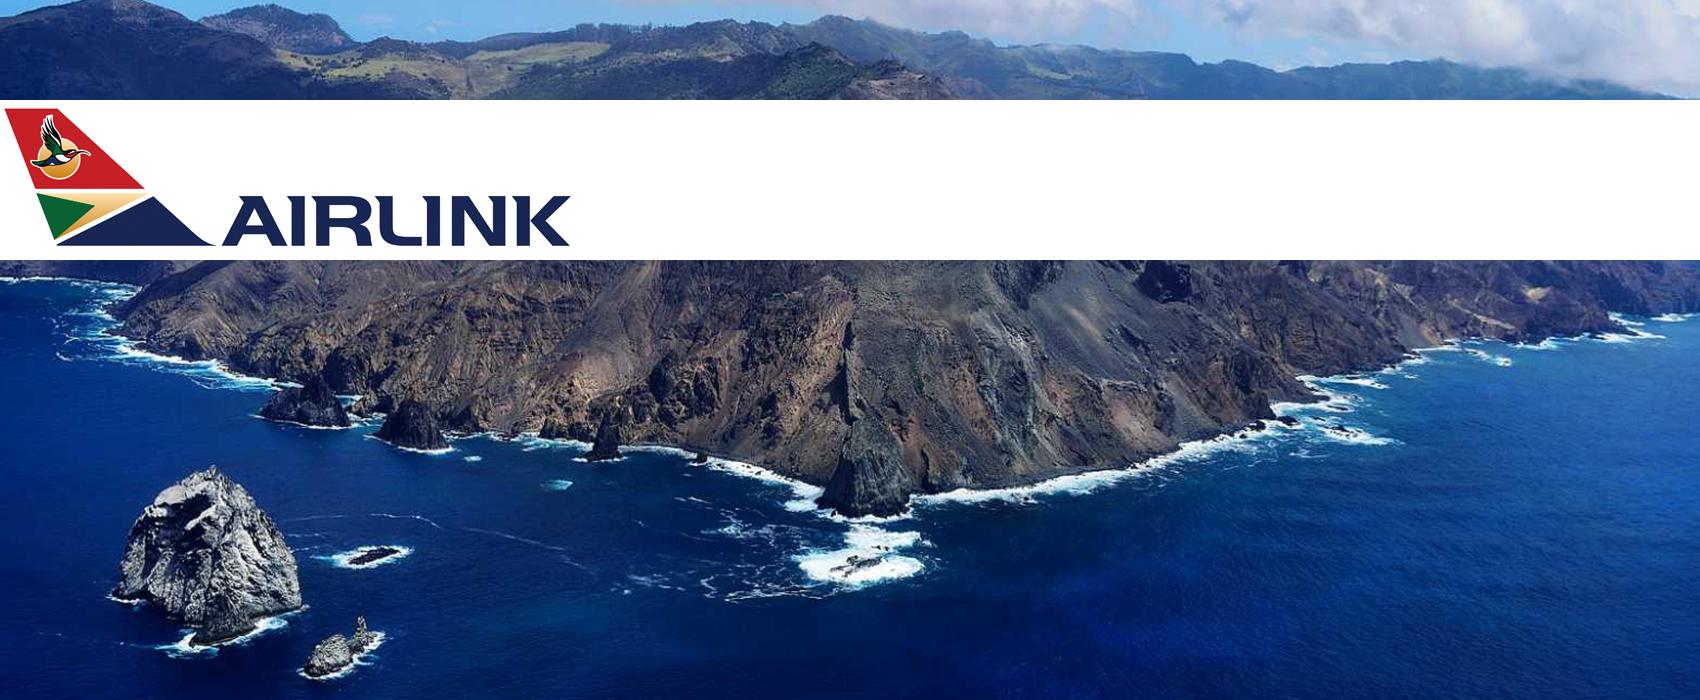 SA_Airlink_St_Helena_Bay